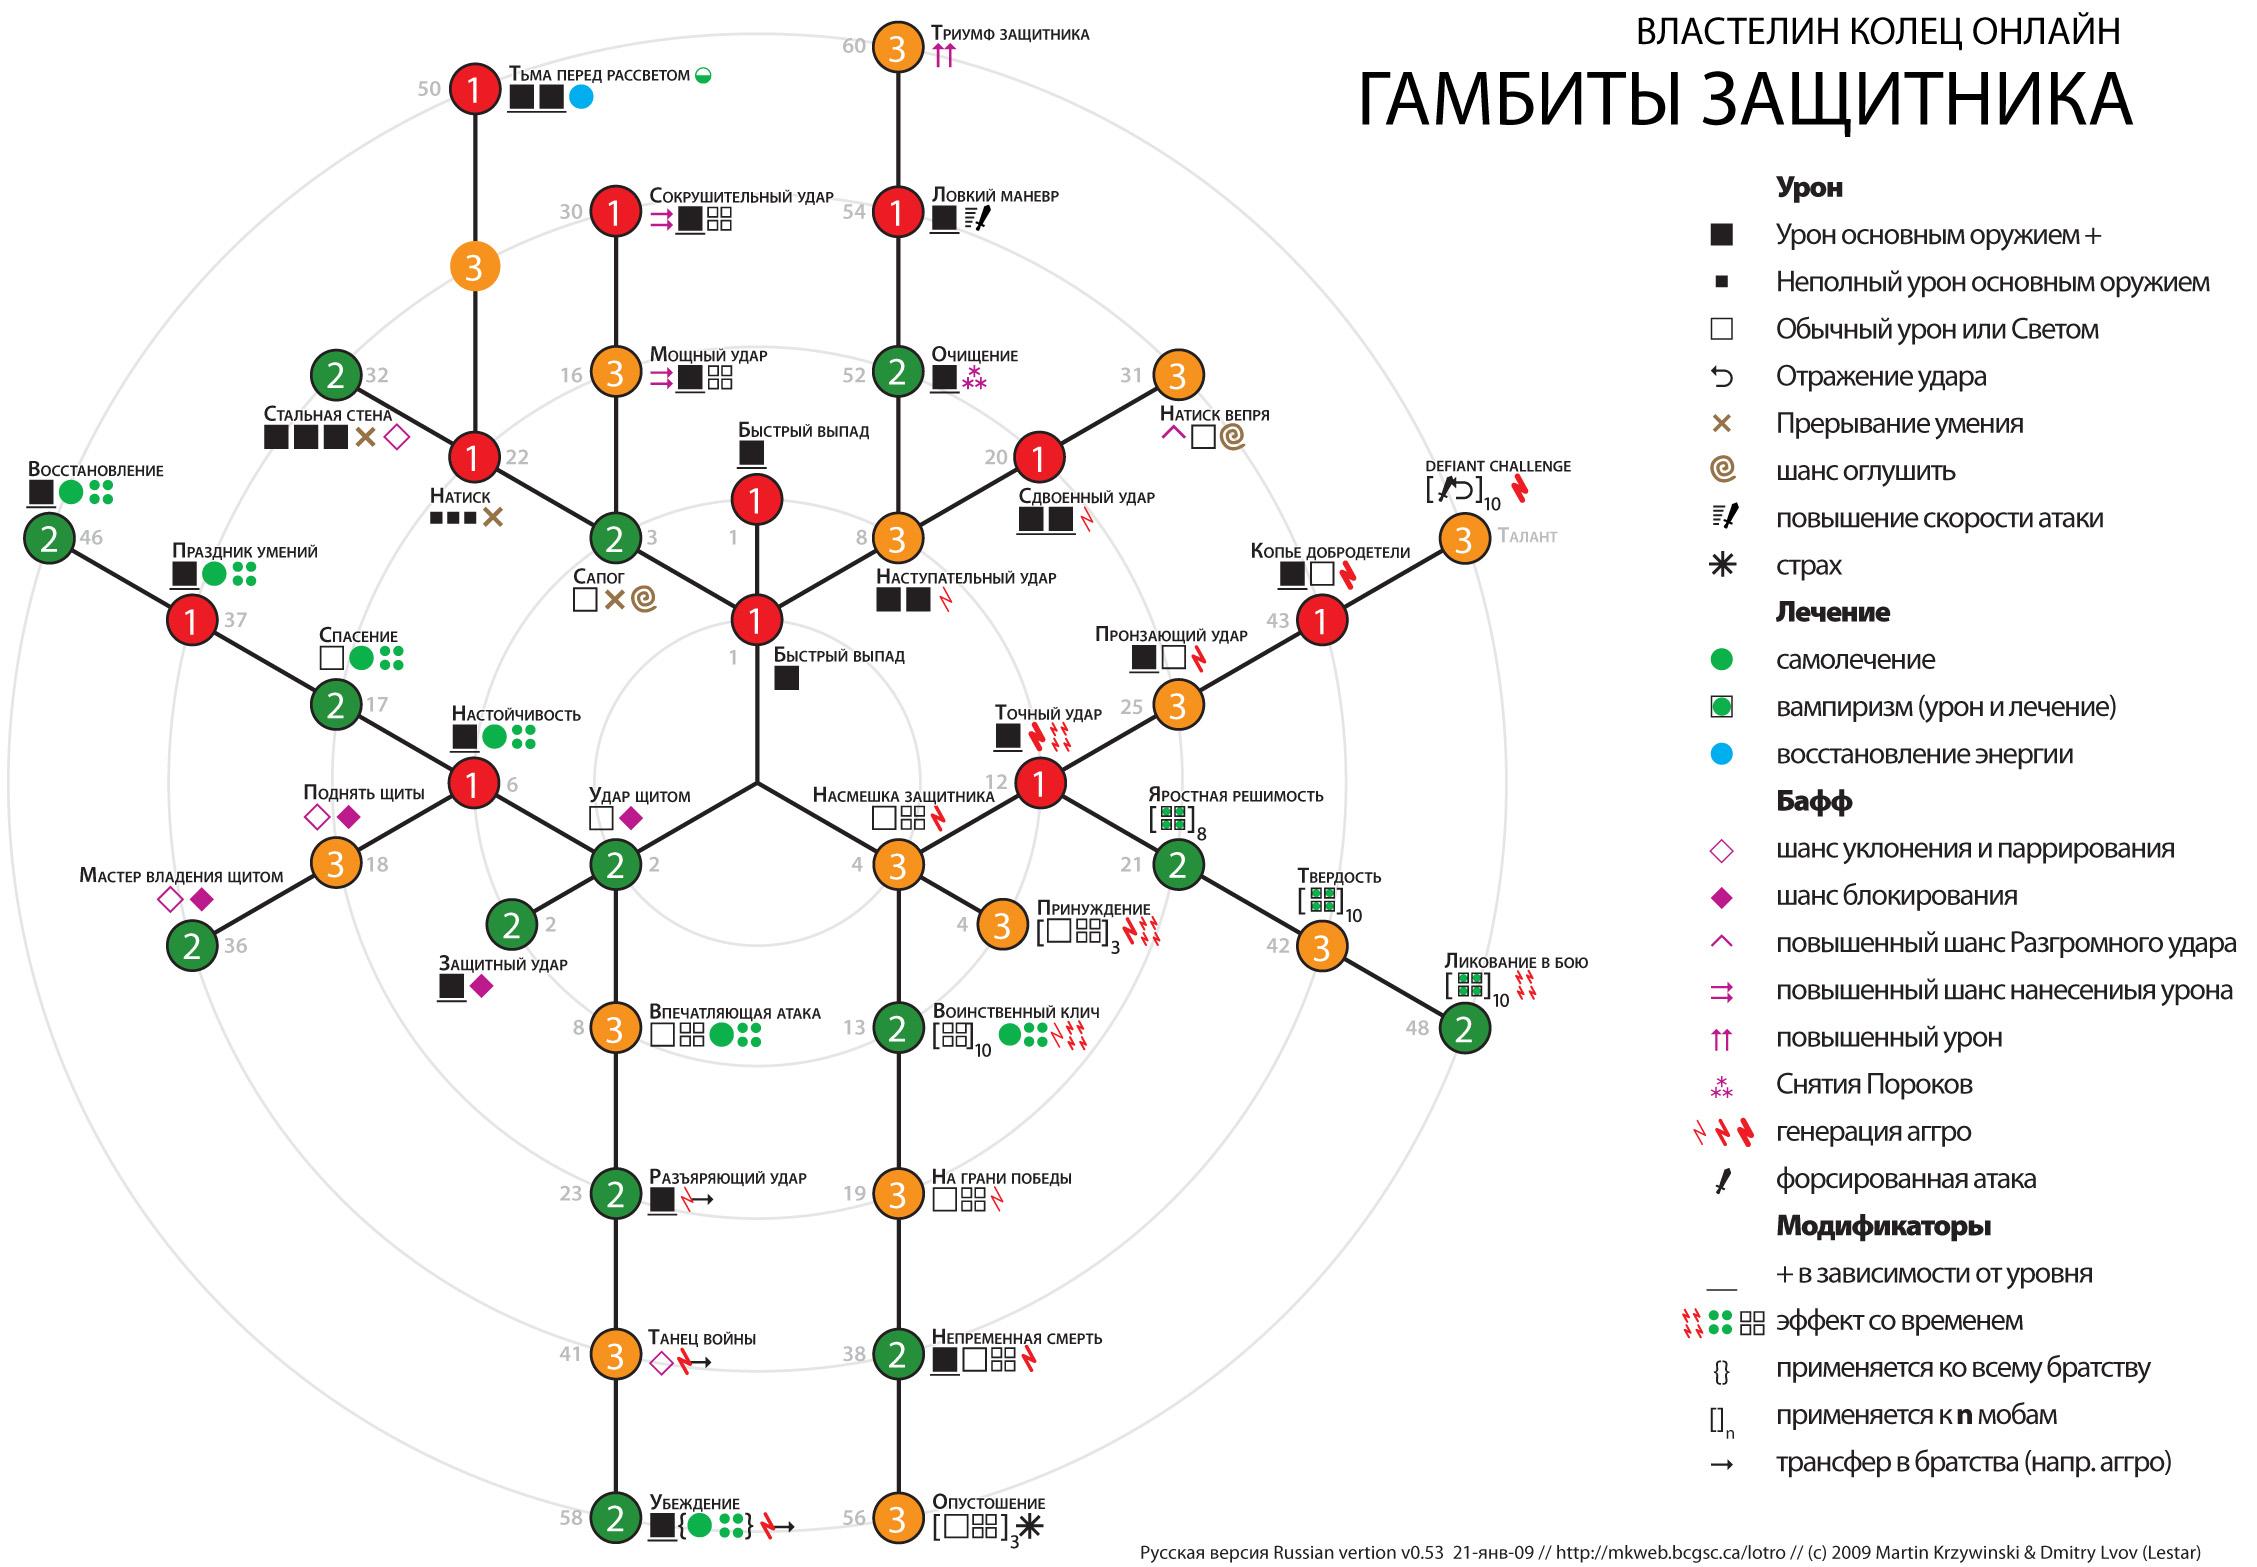 Warden Gambit Chart